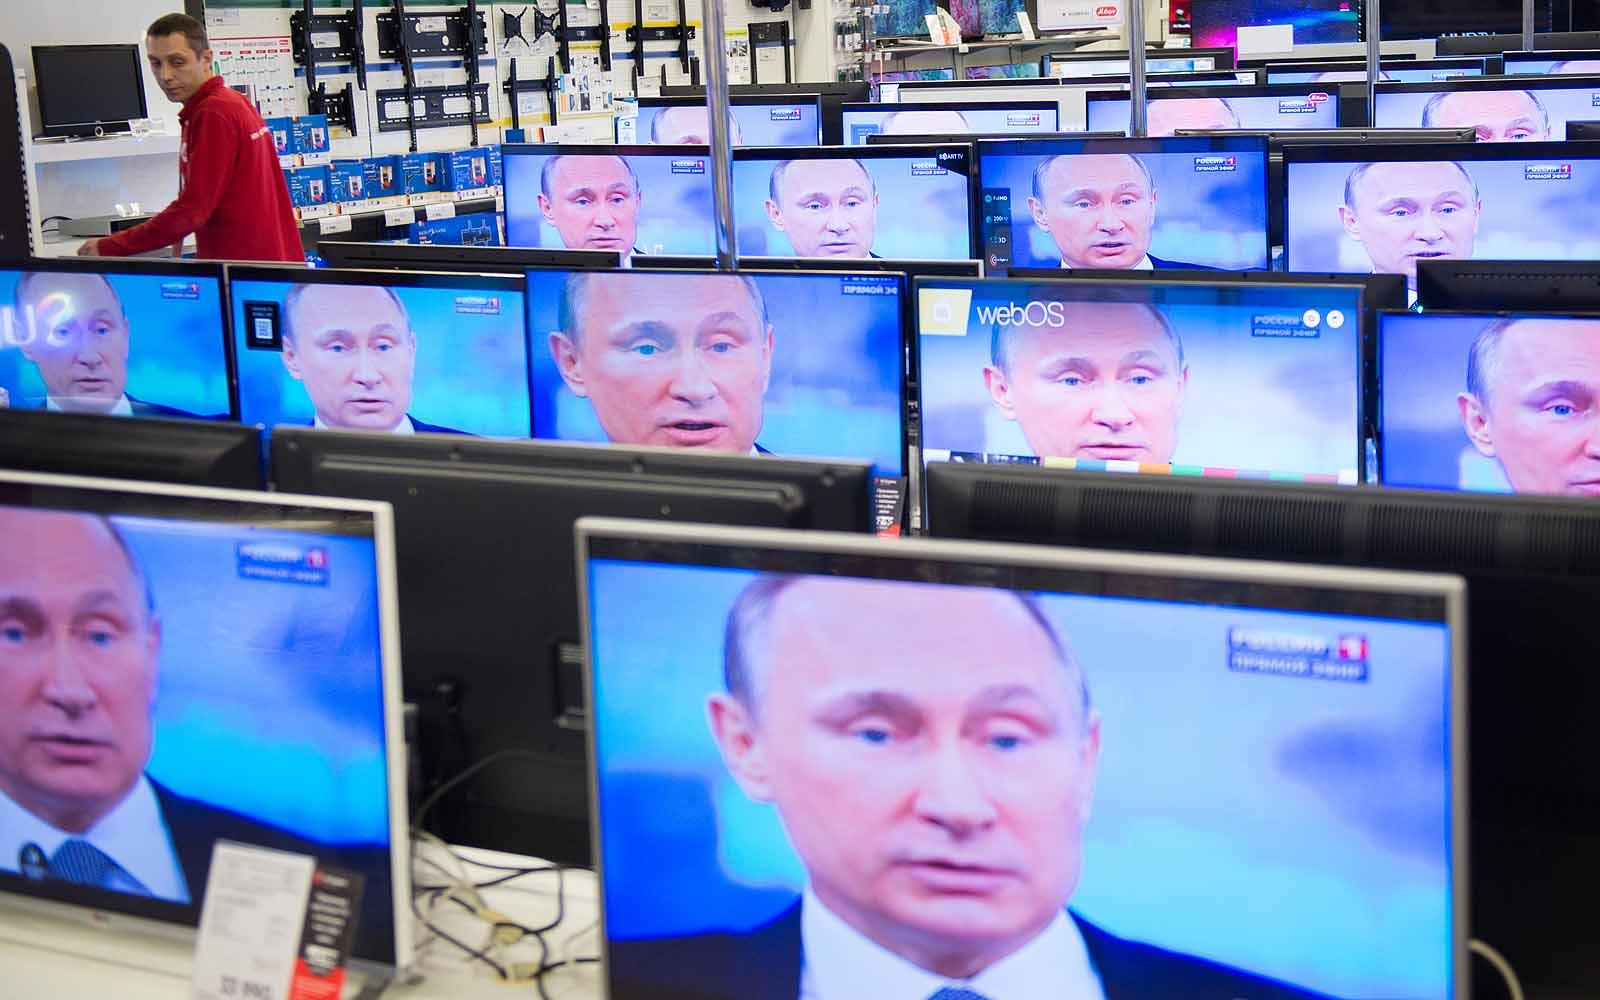 Neutrollizálás: az orosz fegyver minden ellenzéki mozgalom letörésére